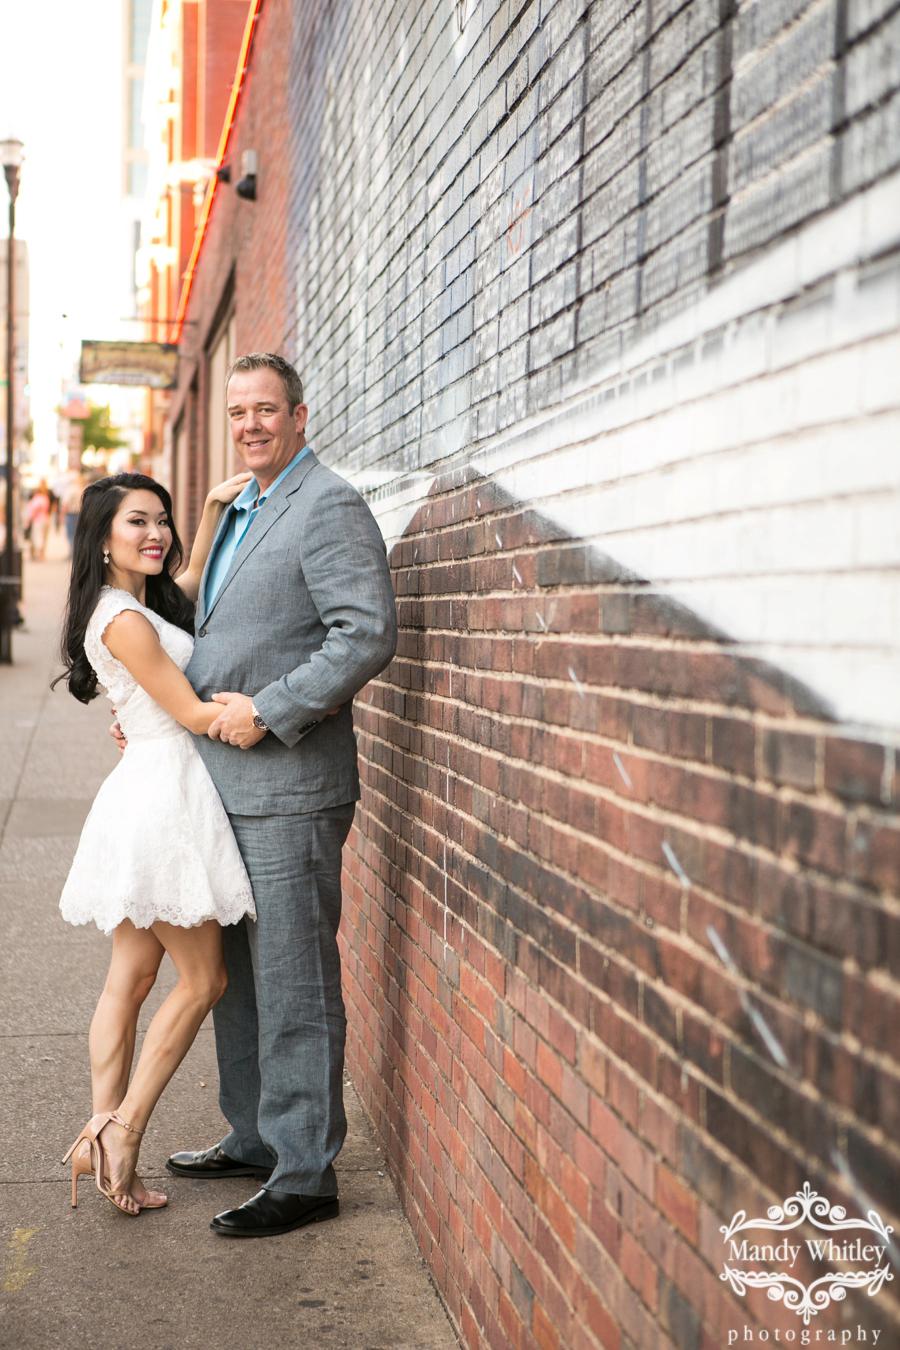 downtown nashville engagement portraits photographer